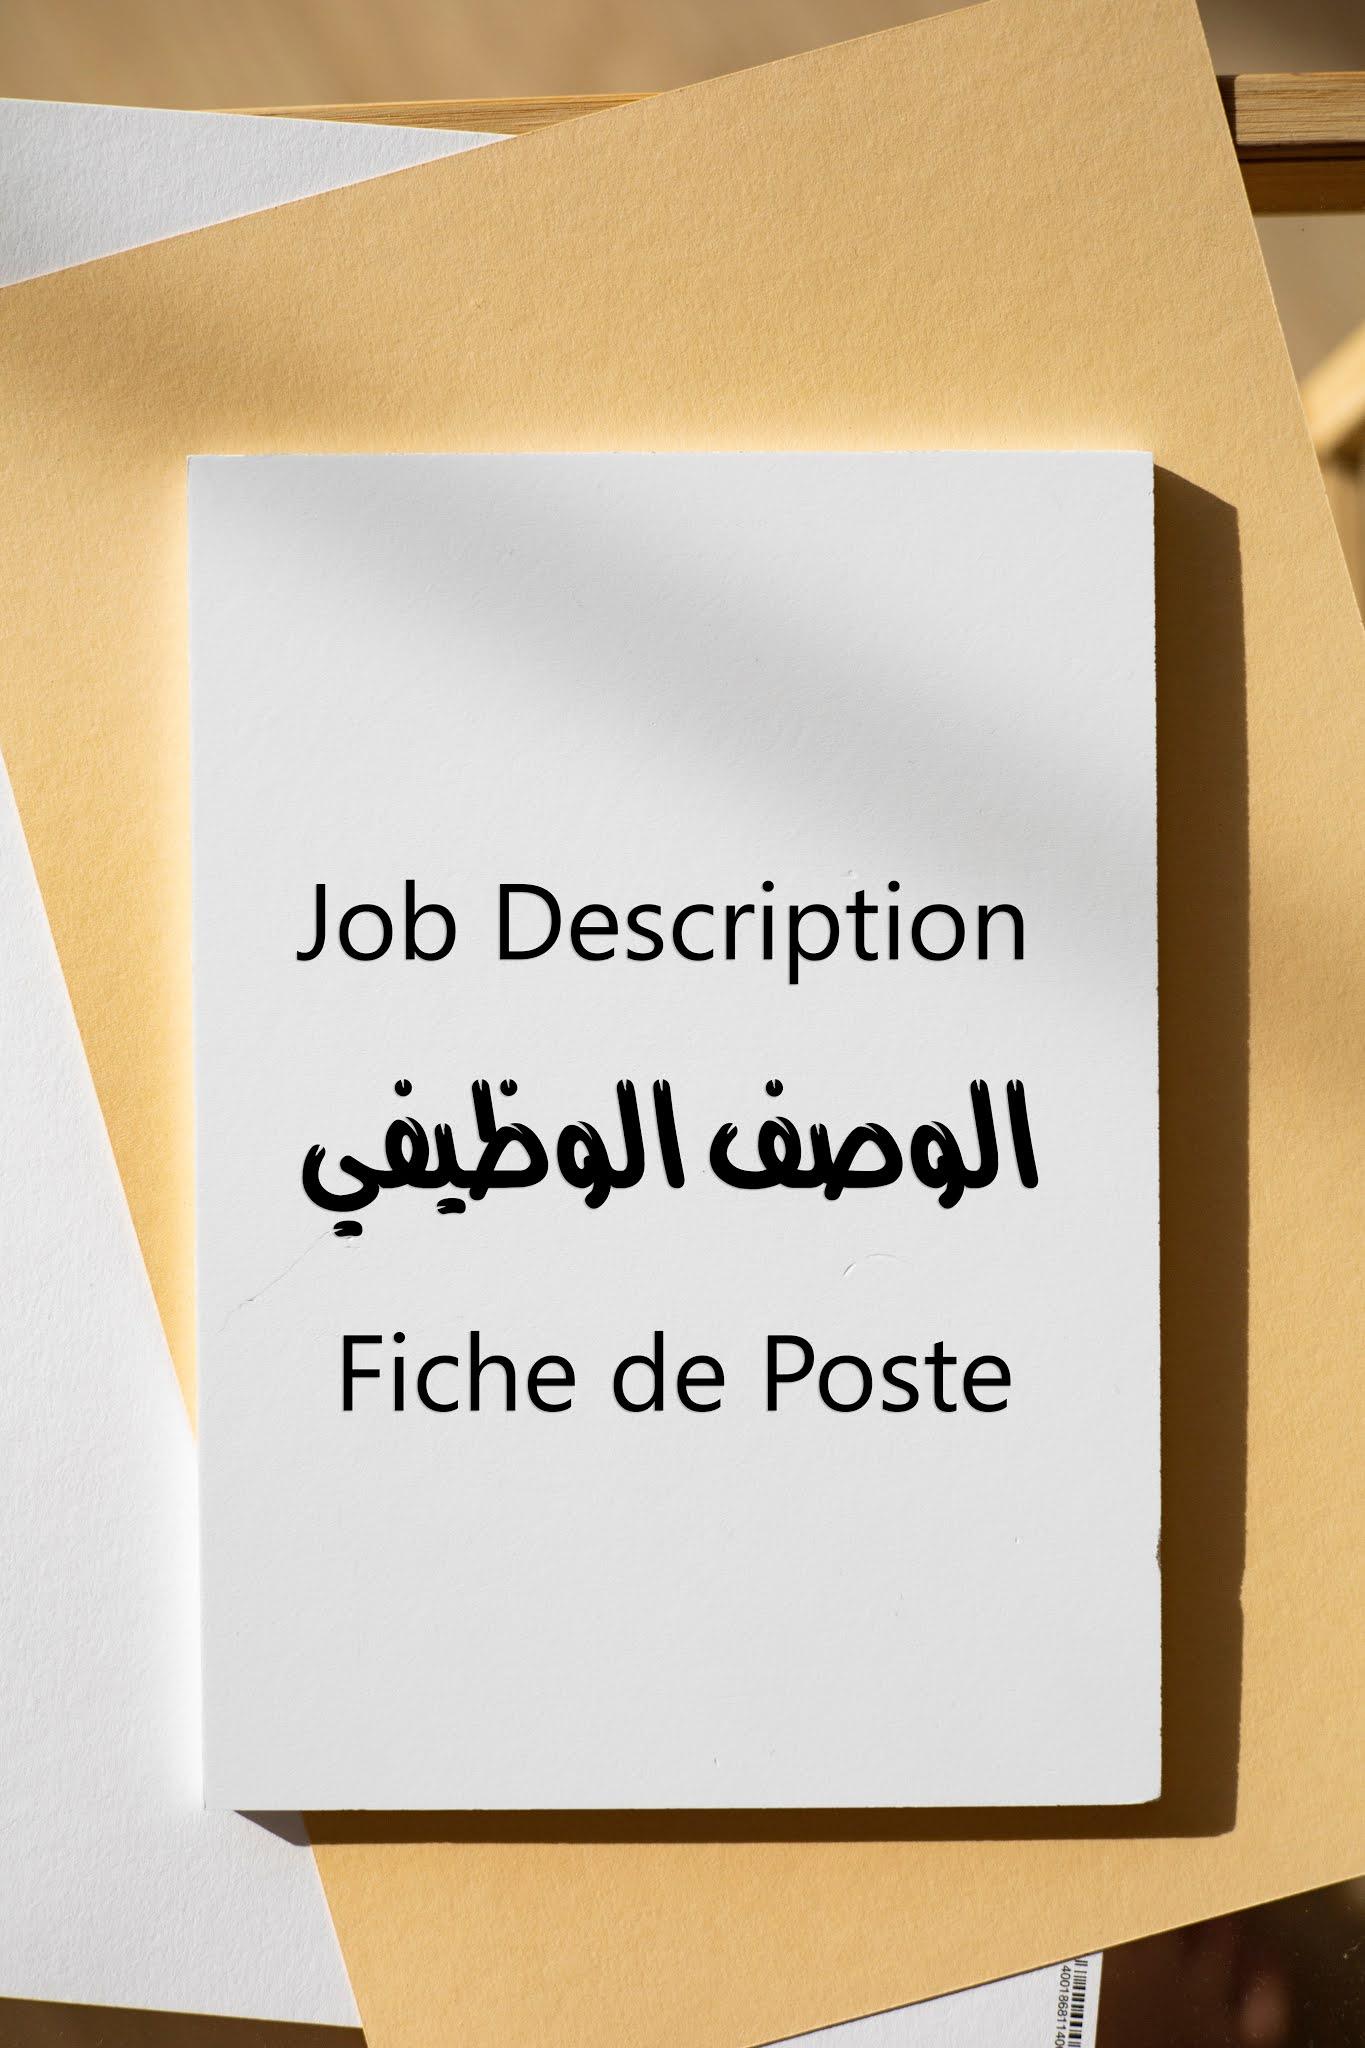 الوصف_الوظيفي-الوصف الوظيفي-الوصف الوظيفي هو-الوصف الوظيفى-اعداد الوصف الوظيفي-اهمية الوصف الوظيفي- الوصف الوظيفي - ما تحتاج معرفته فقط